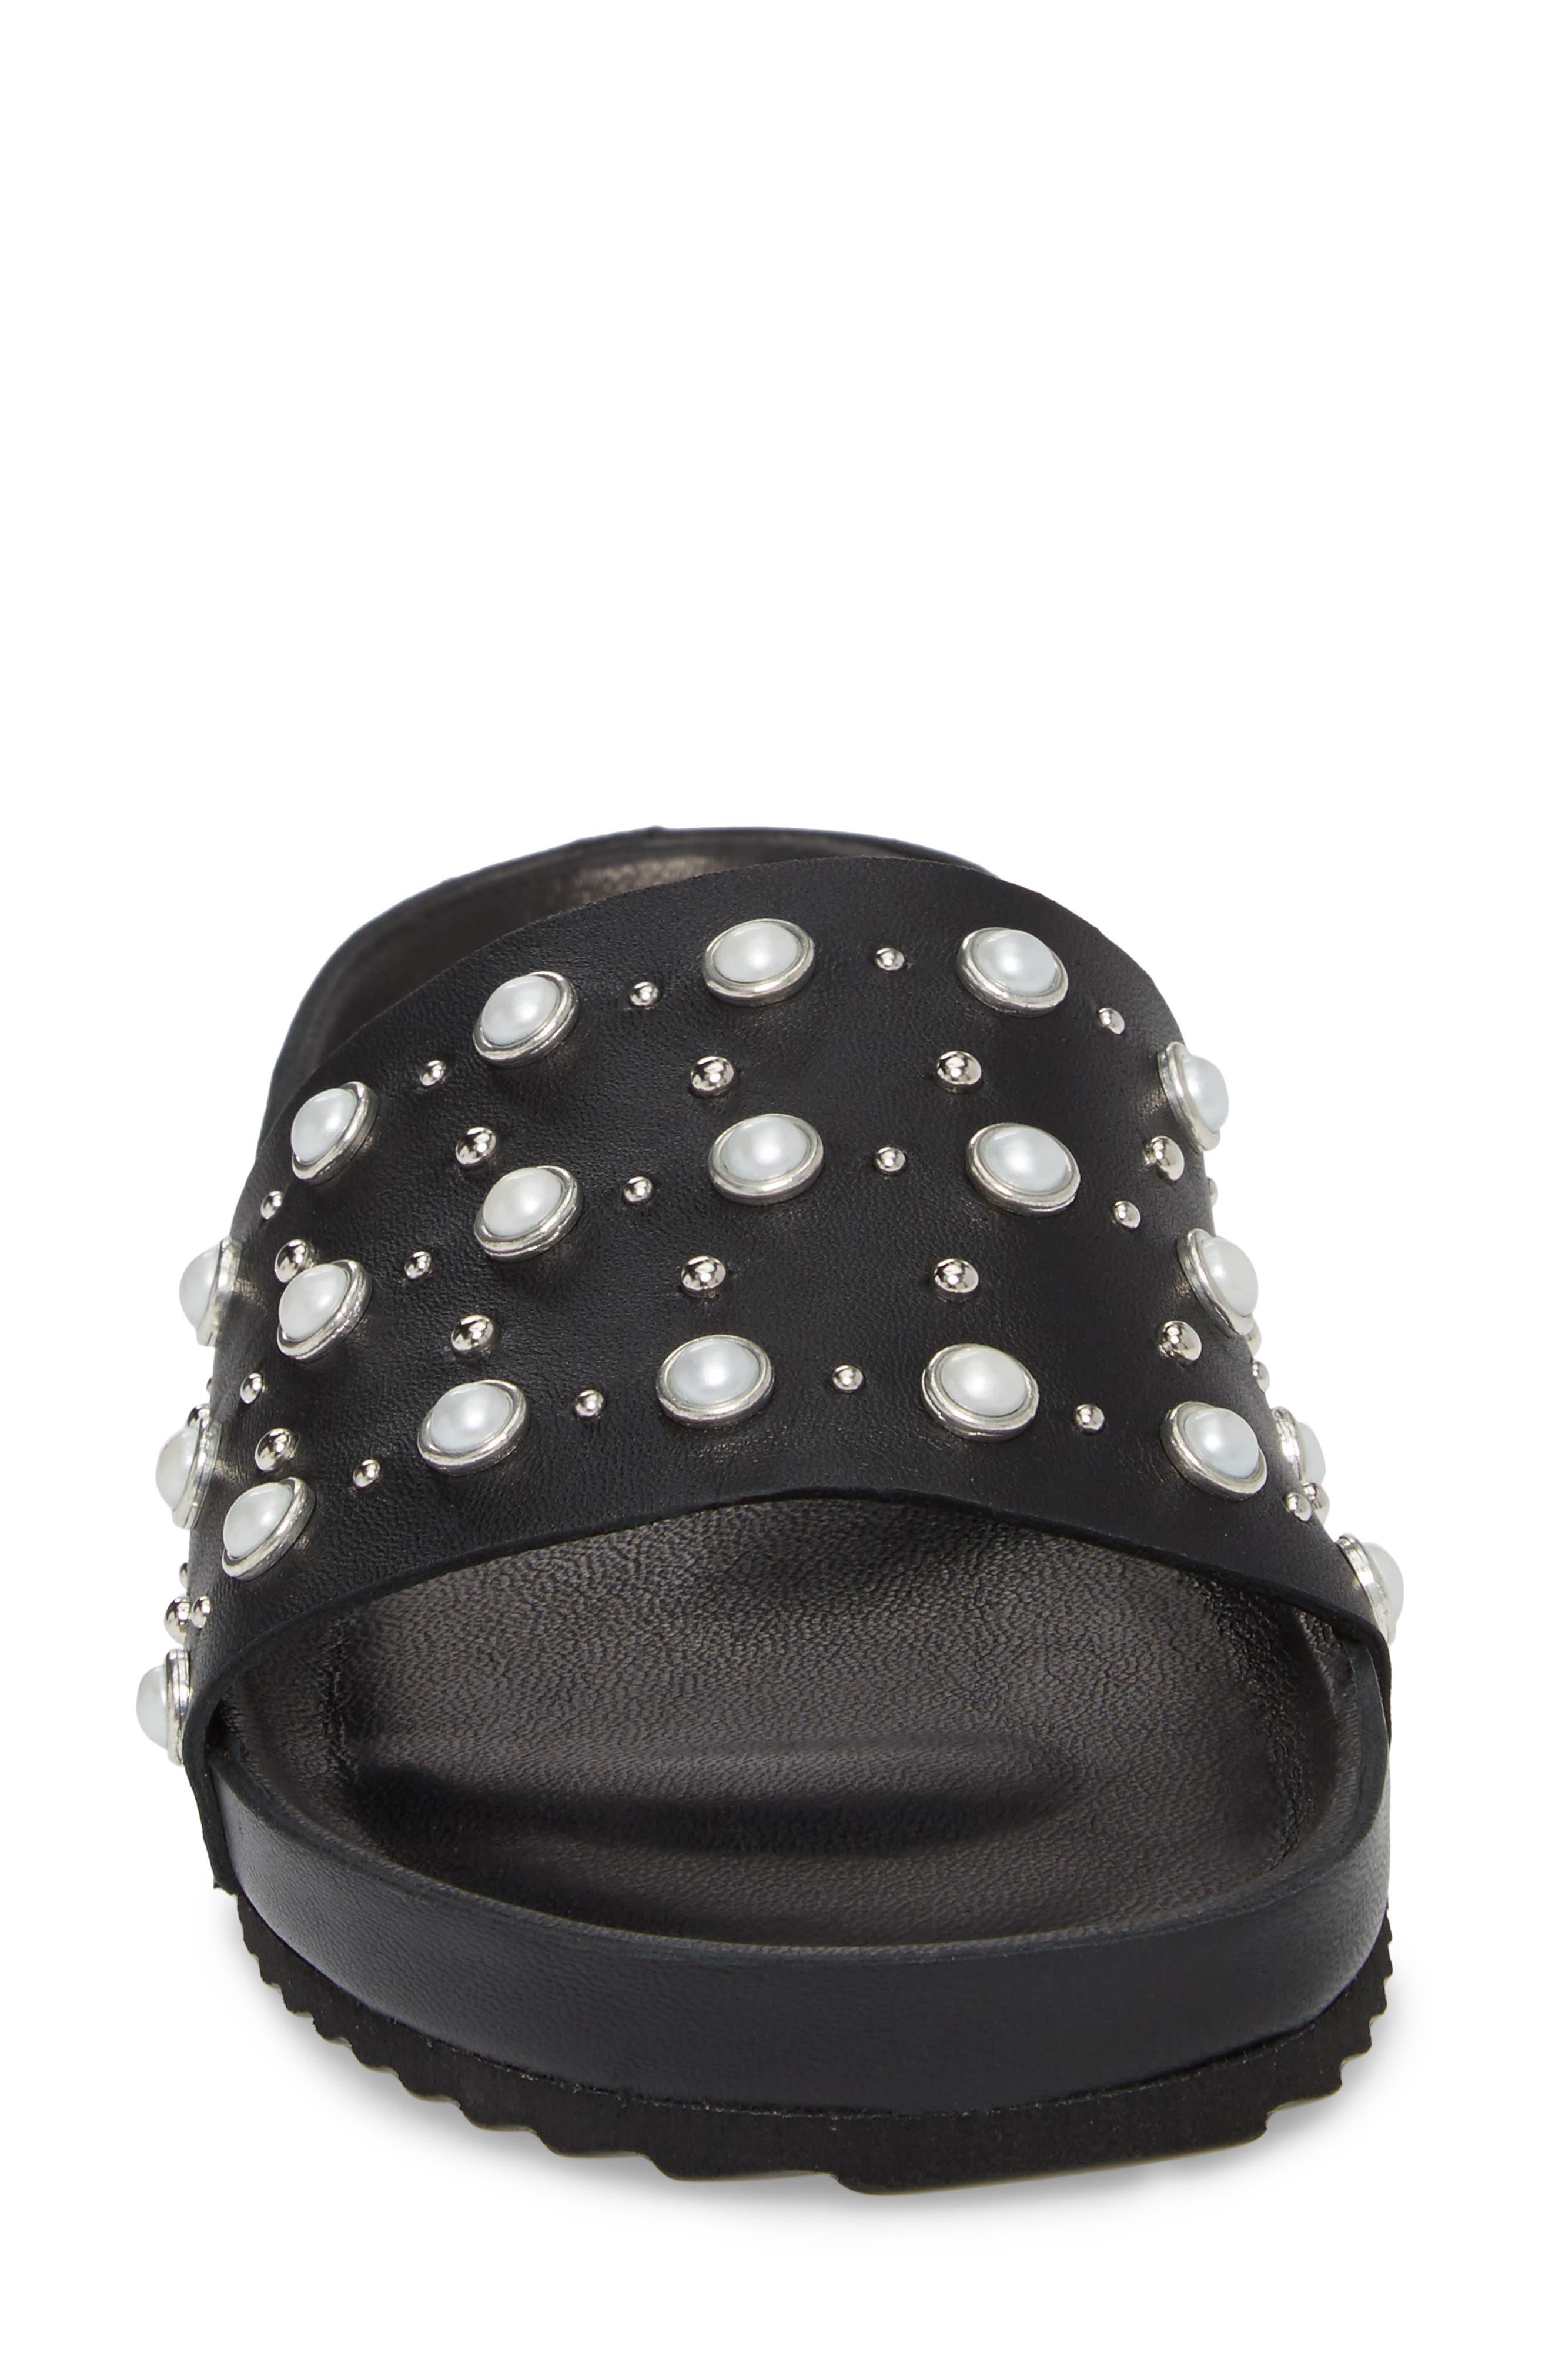 Santori Slide Sandal,                             Alternate thumbnail 4, color,                             Napa Black Leather